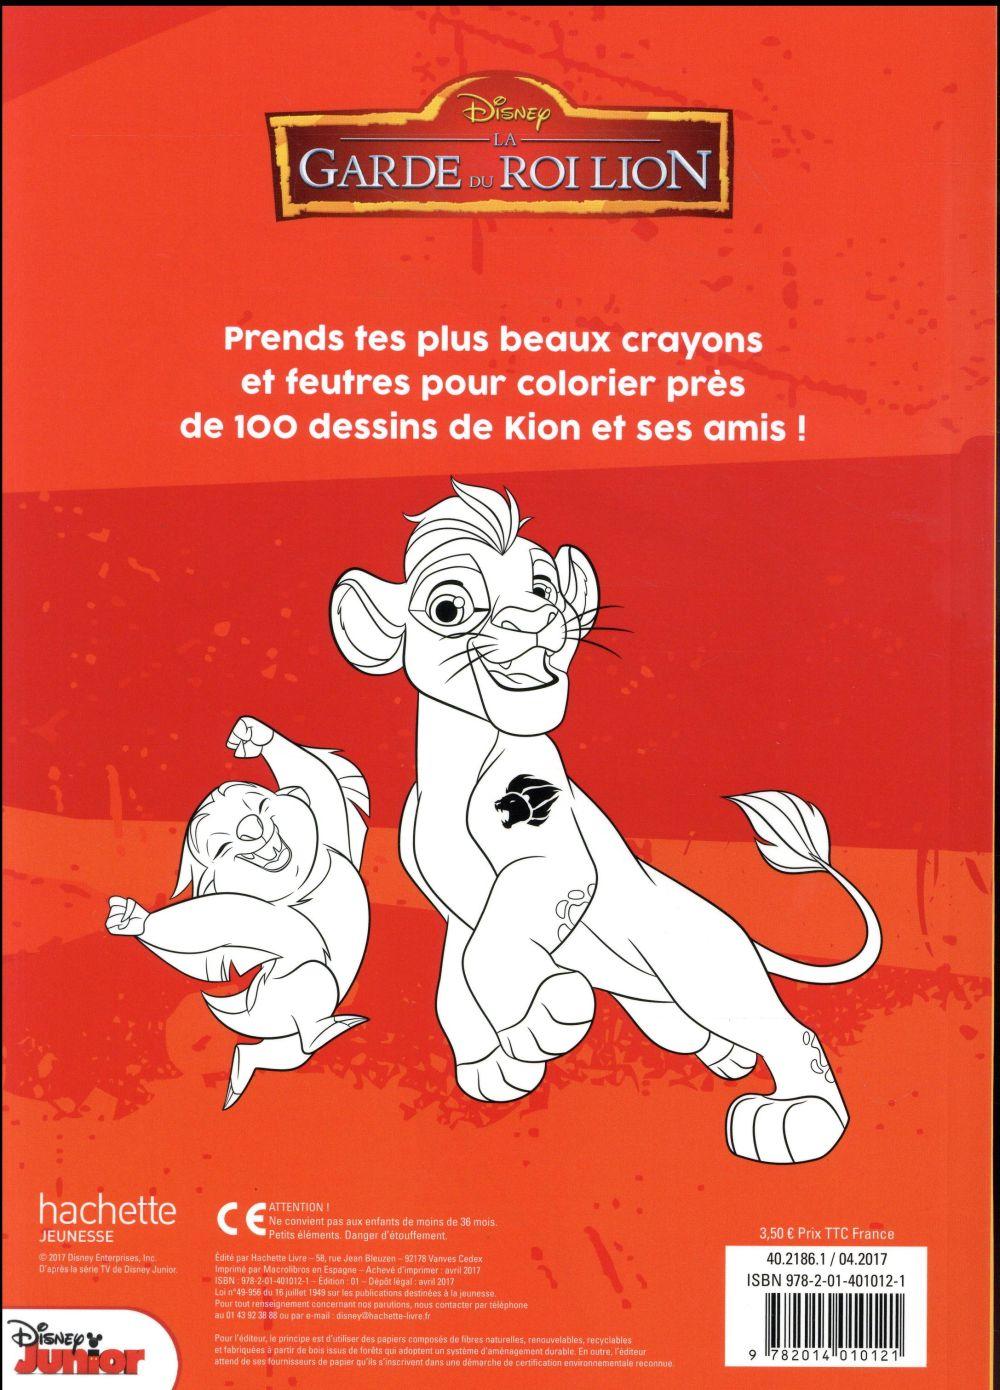 Maxi Colos La Garde Du Roi Lion Disney Disney Hachette Papeterie Coloriage Librairie Gallimard Paris